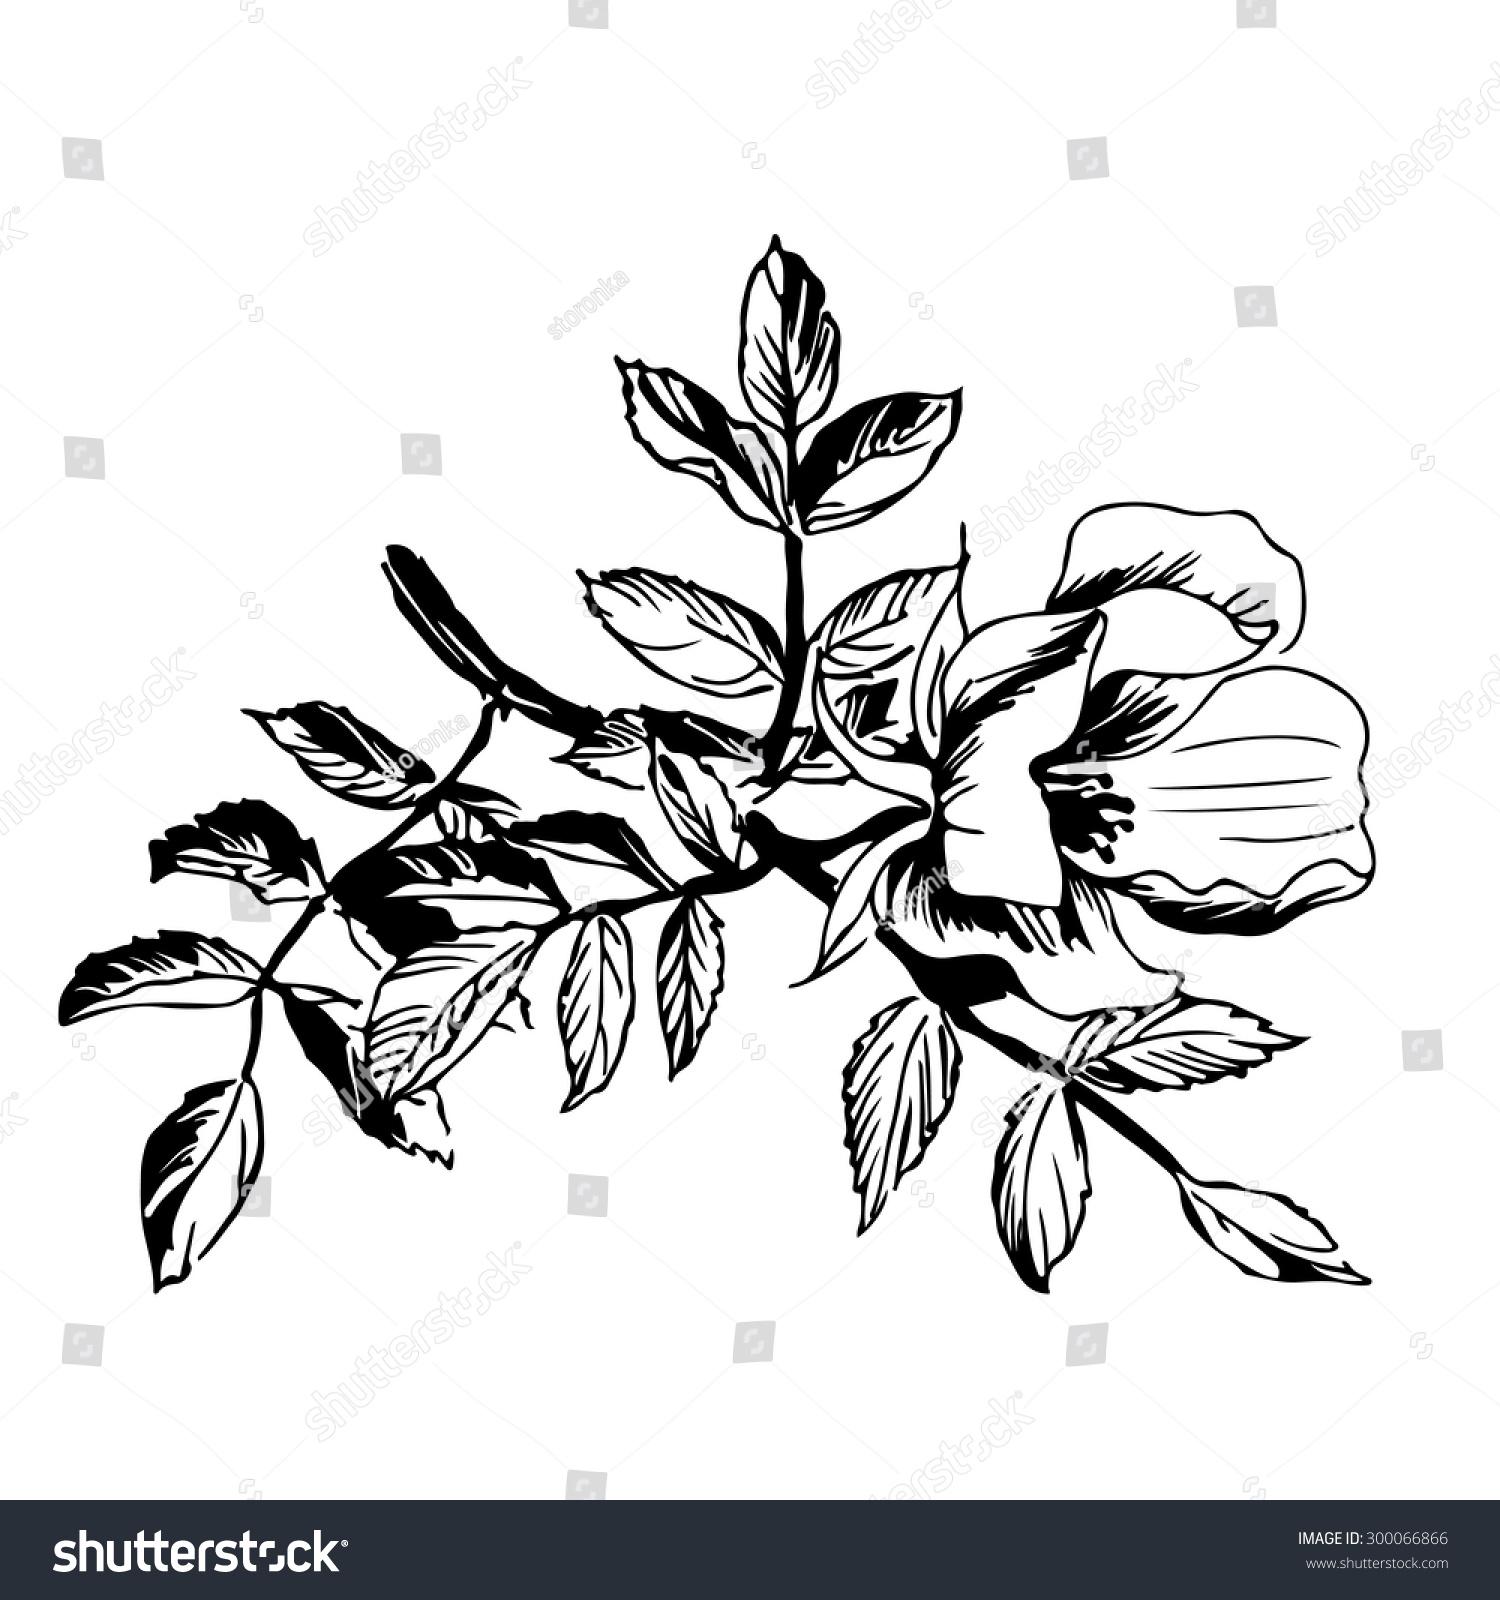 Botanical illustration black and white - photo#6